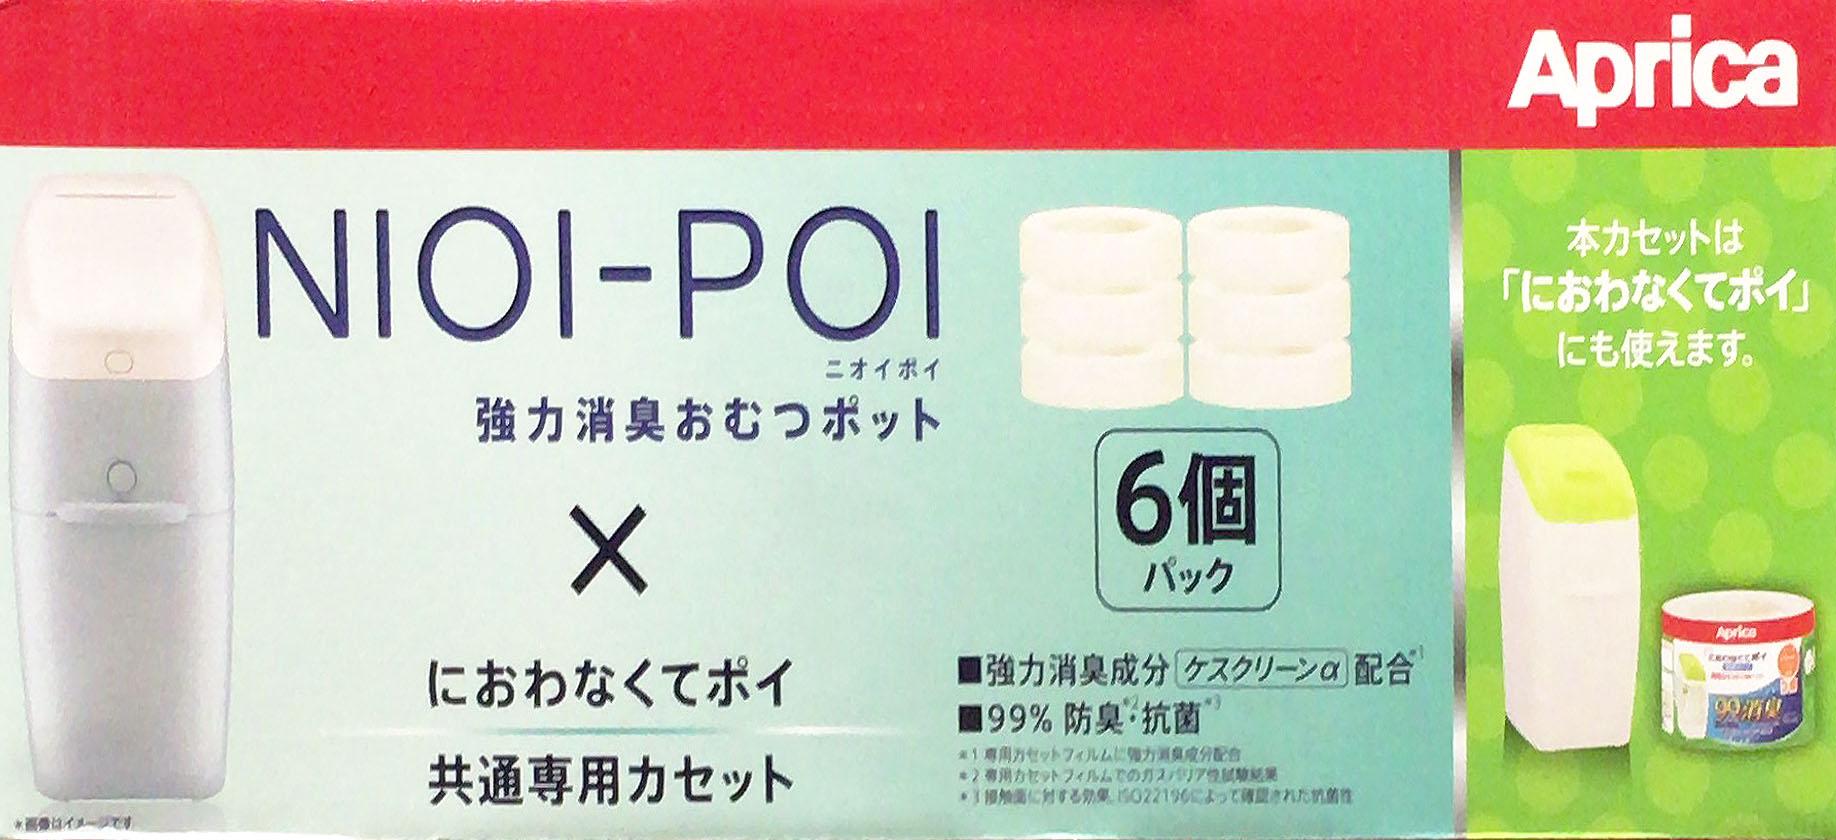 [1]が投稿したAprica NIOI-POI アップリカ ニオイポイ カセット6個パックの写真